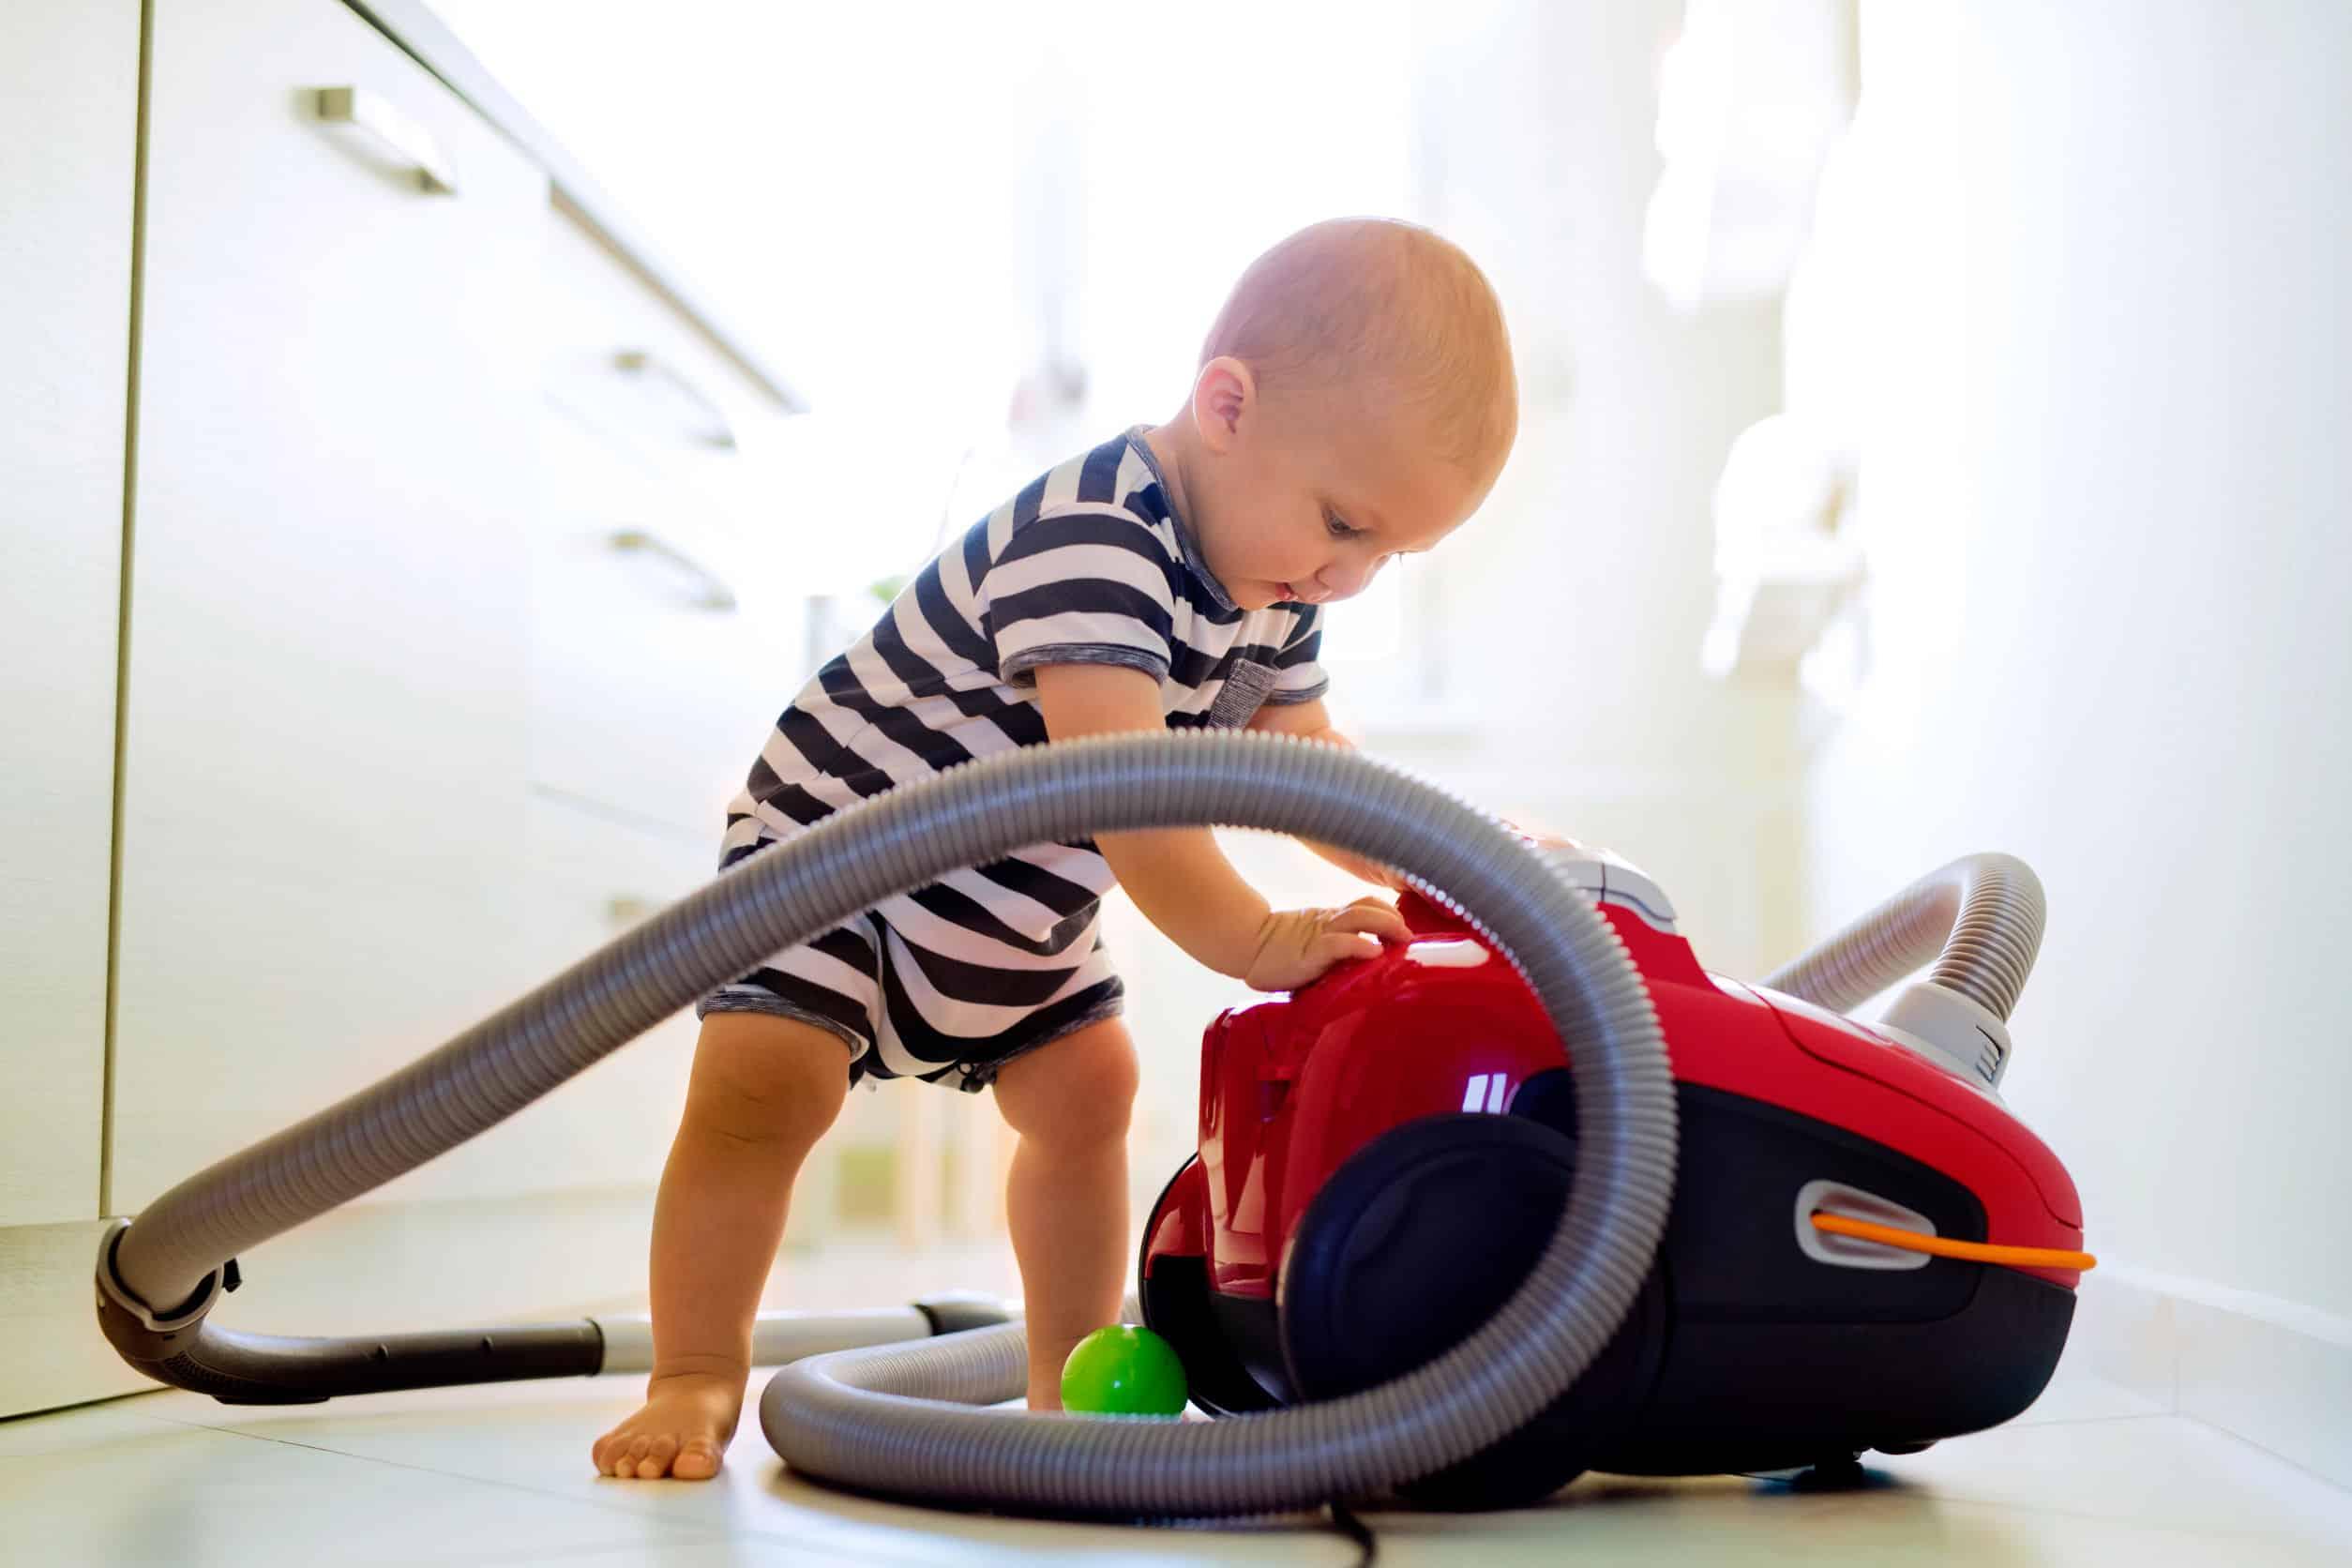 Kinderstaubsauger: Test & Empfehlungen (11/20)